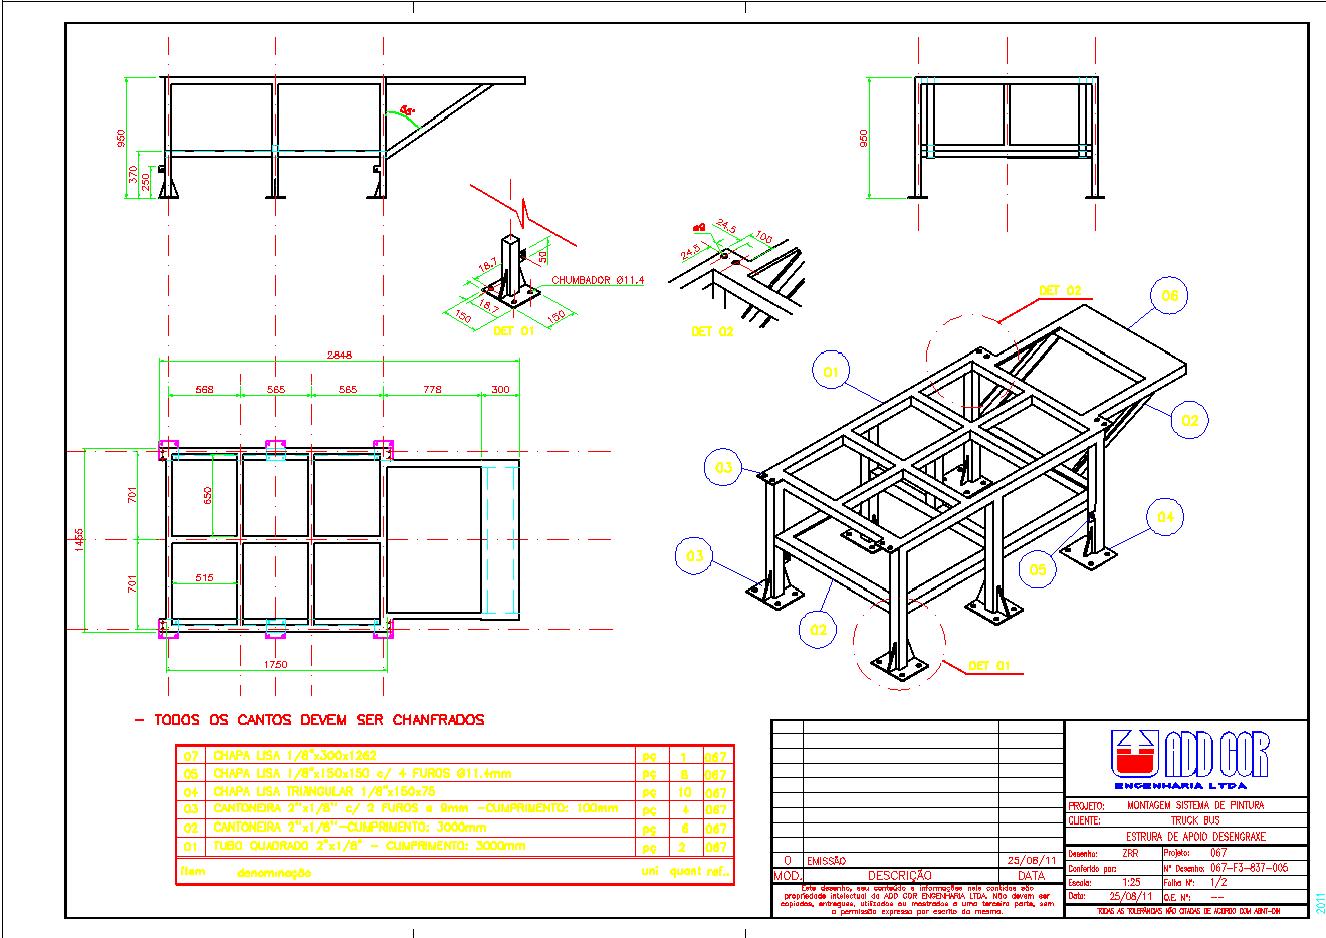 Vertical Projetos ®: Render 3D #CCCA00 1326 938